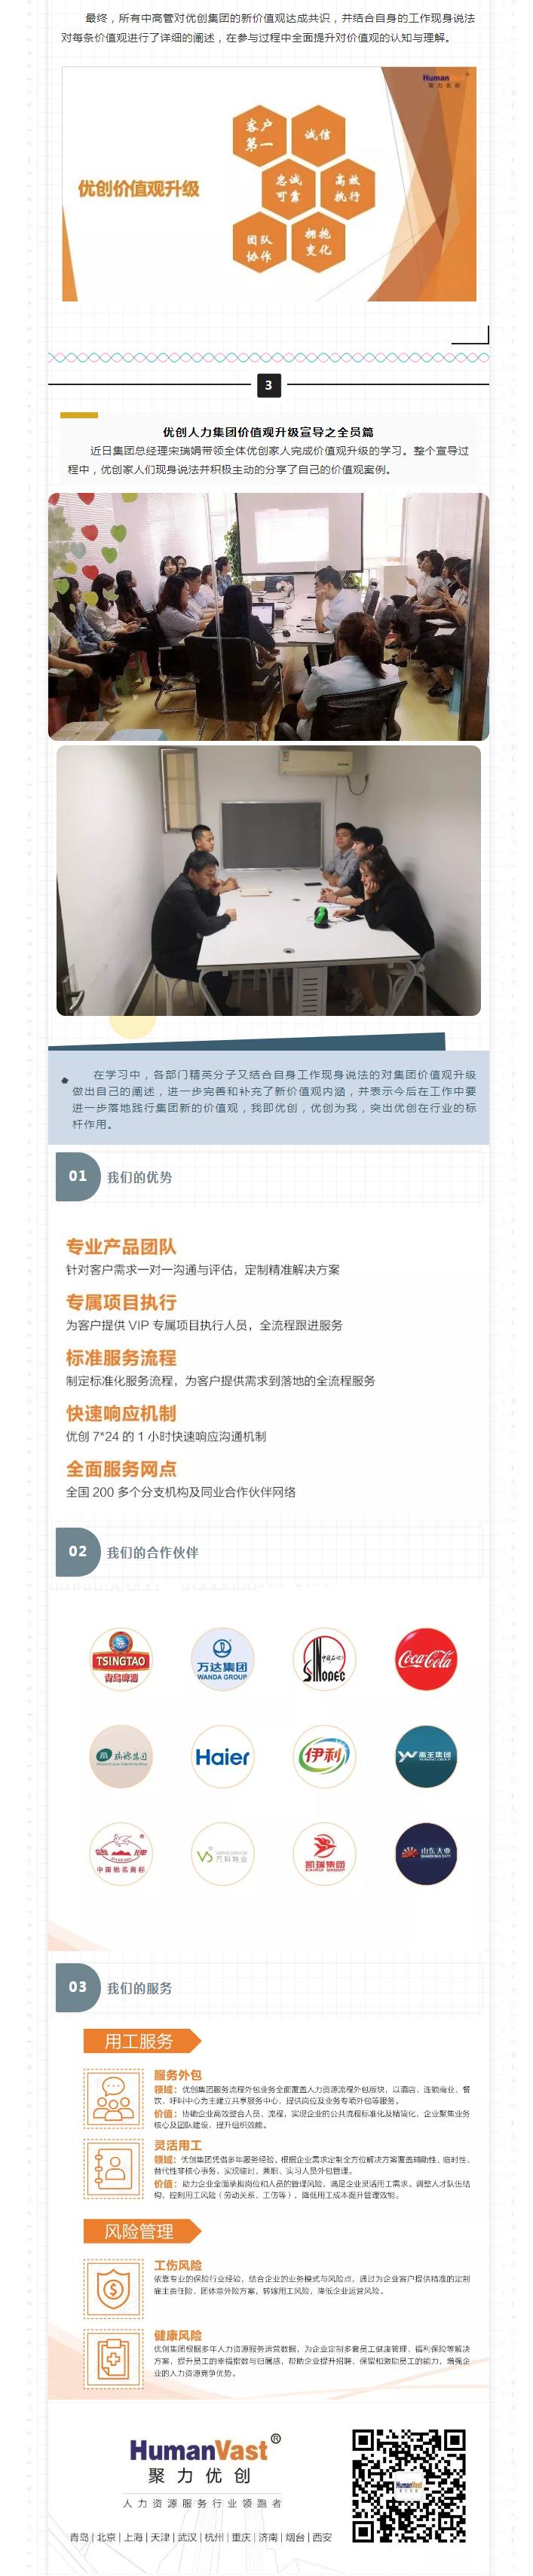 2019-07-04_132856_看图王-4